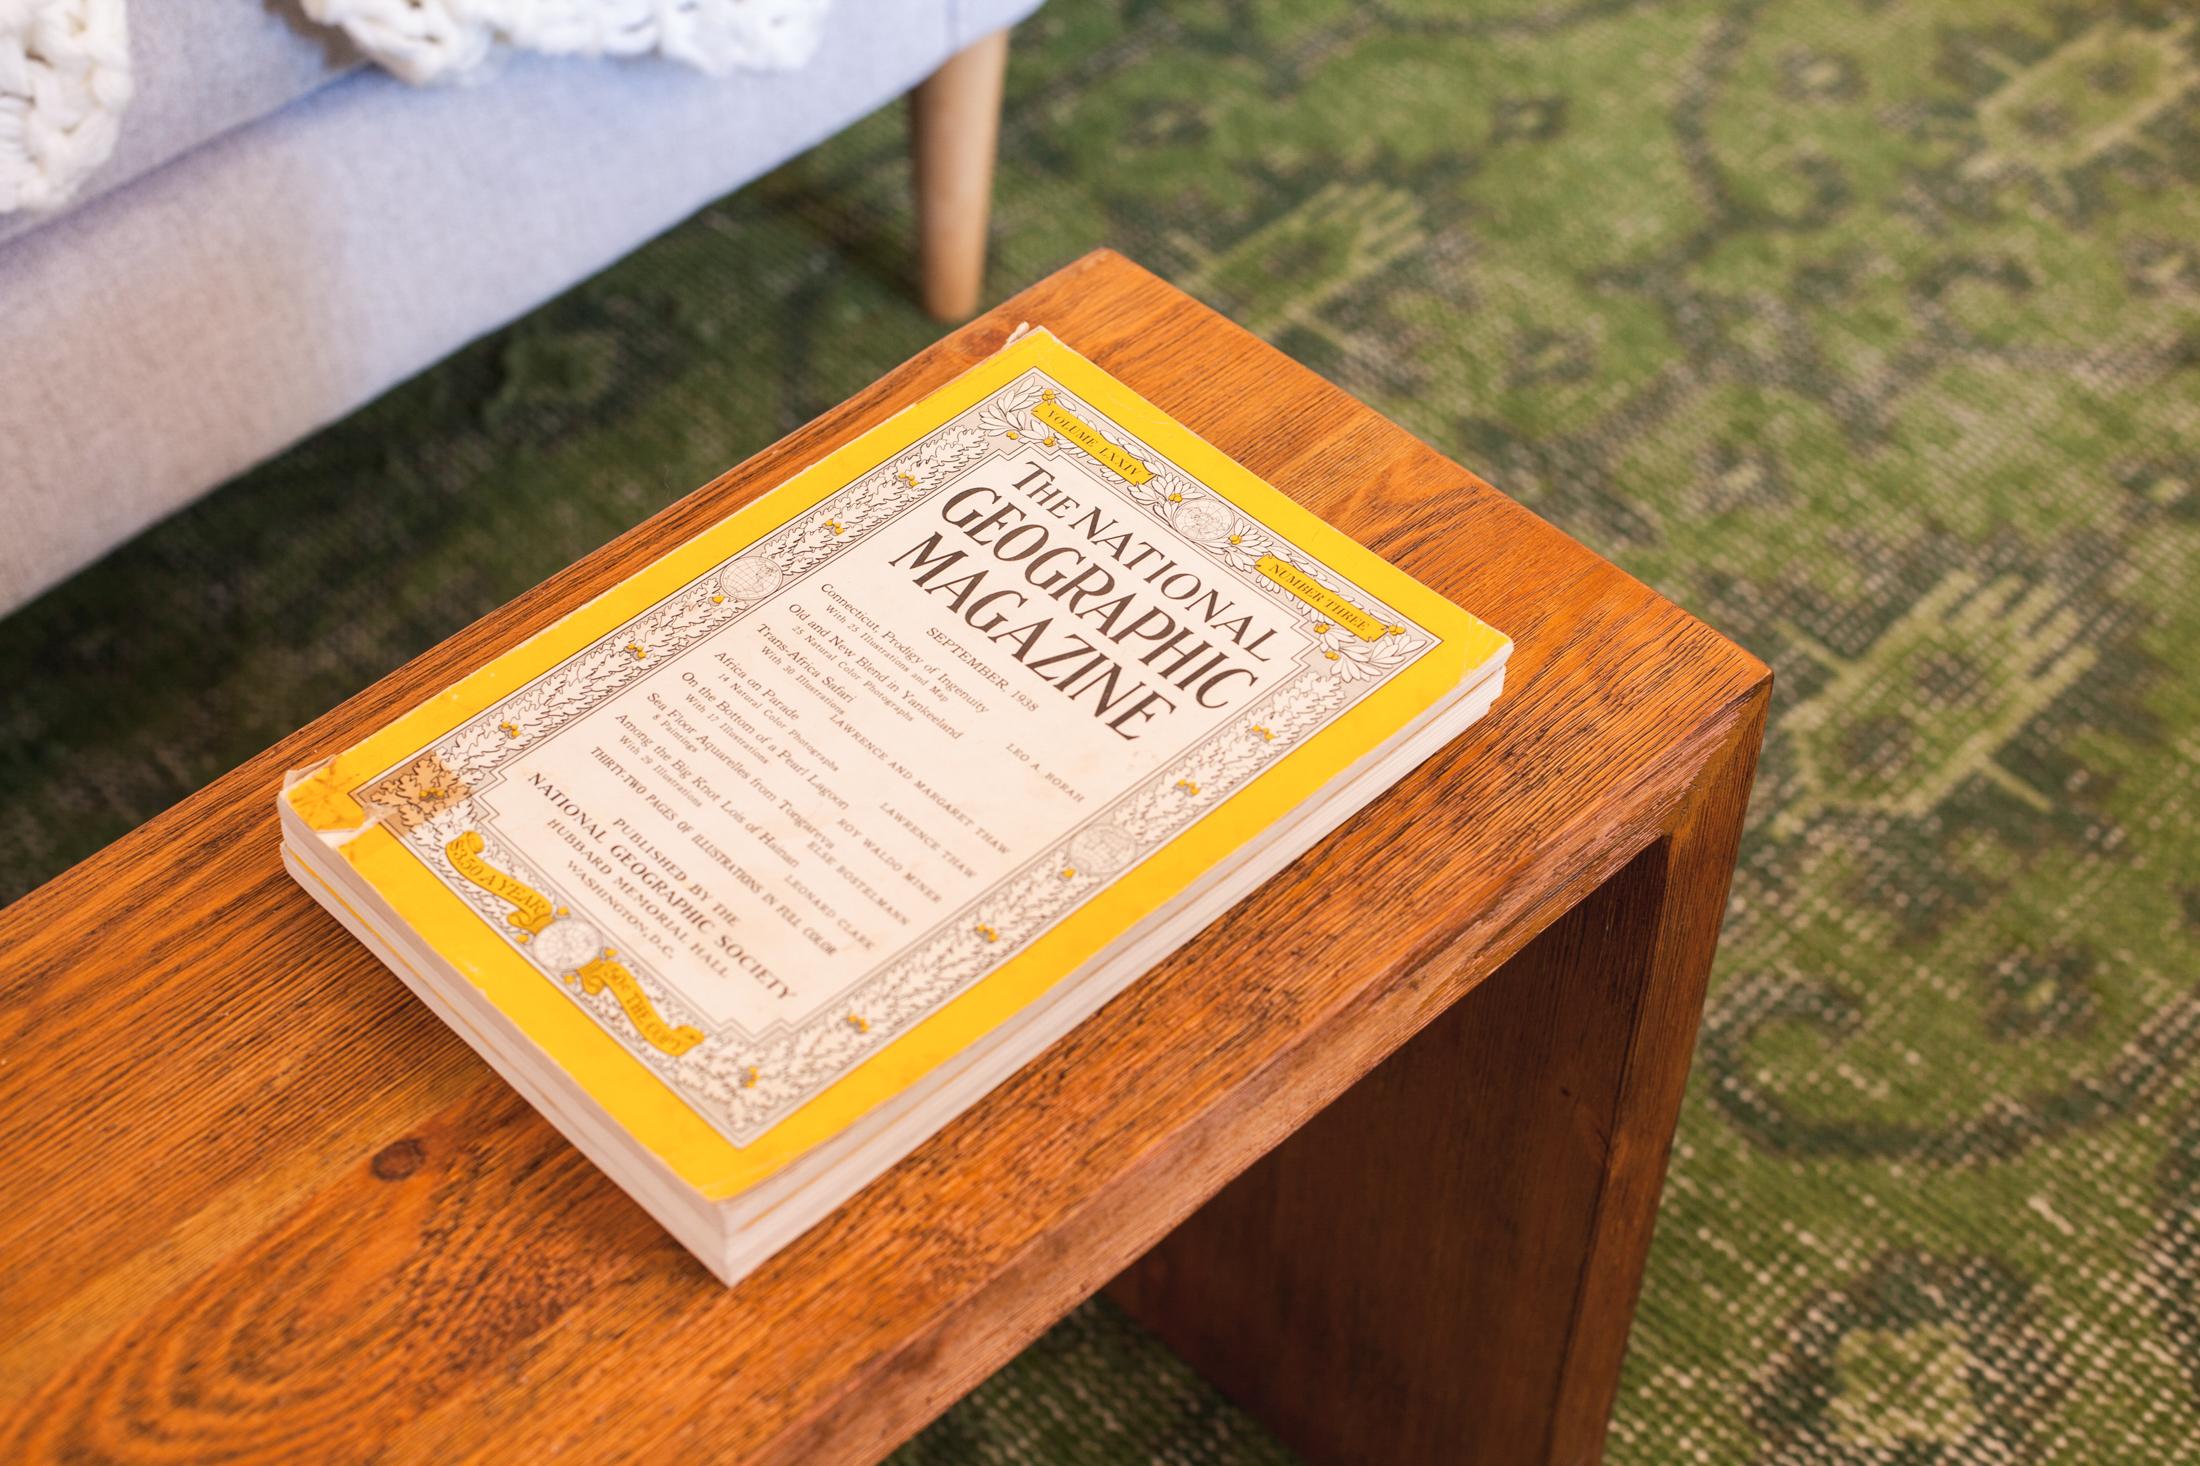 Interior-Design-www.JamesStewart.photo-9.jpg